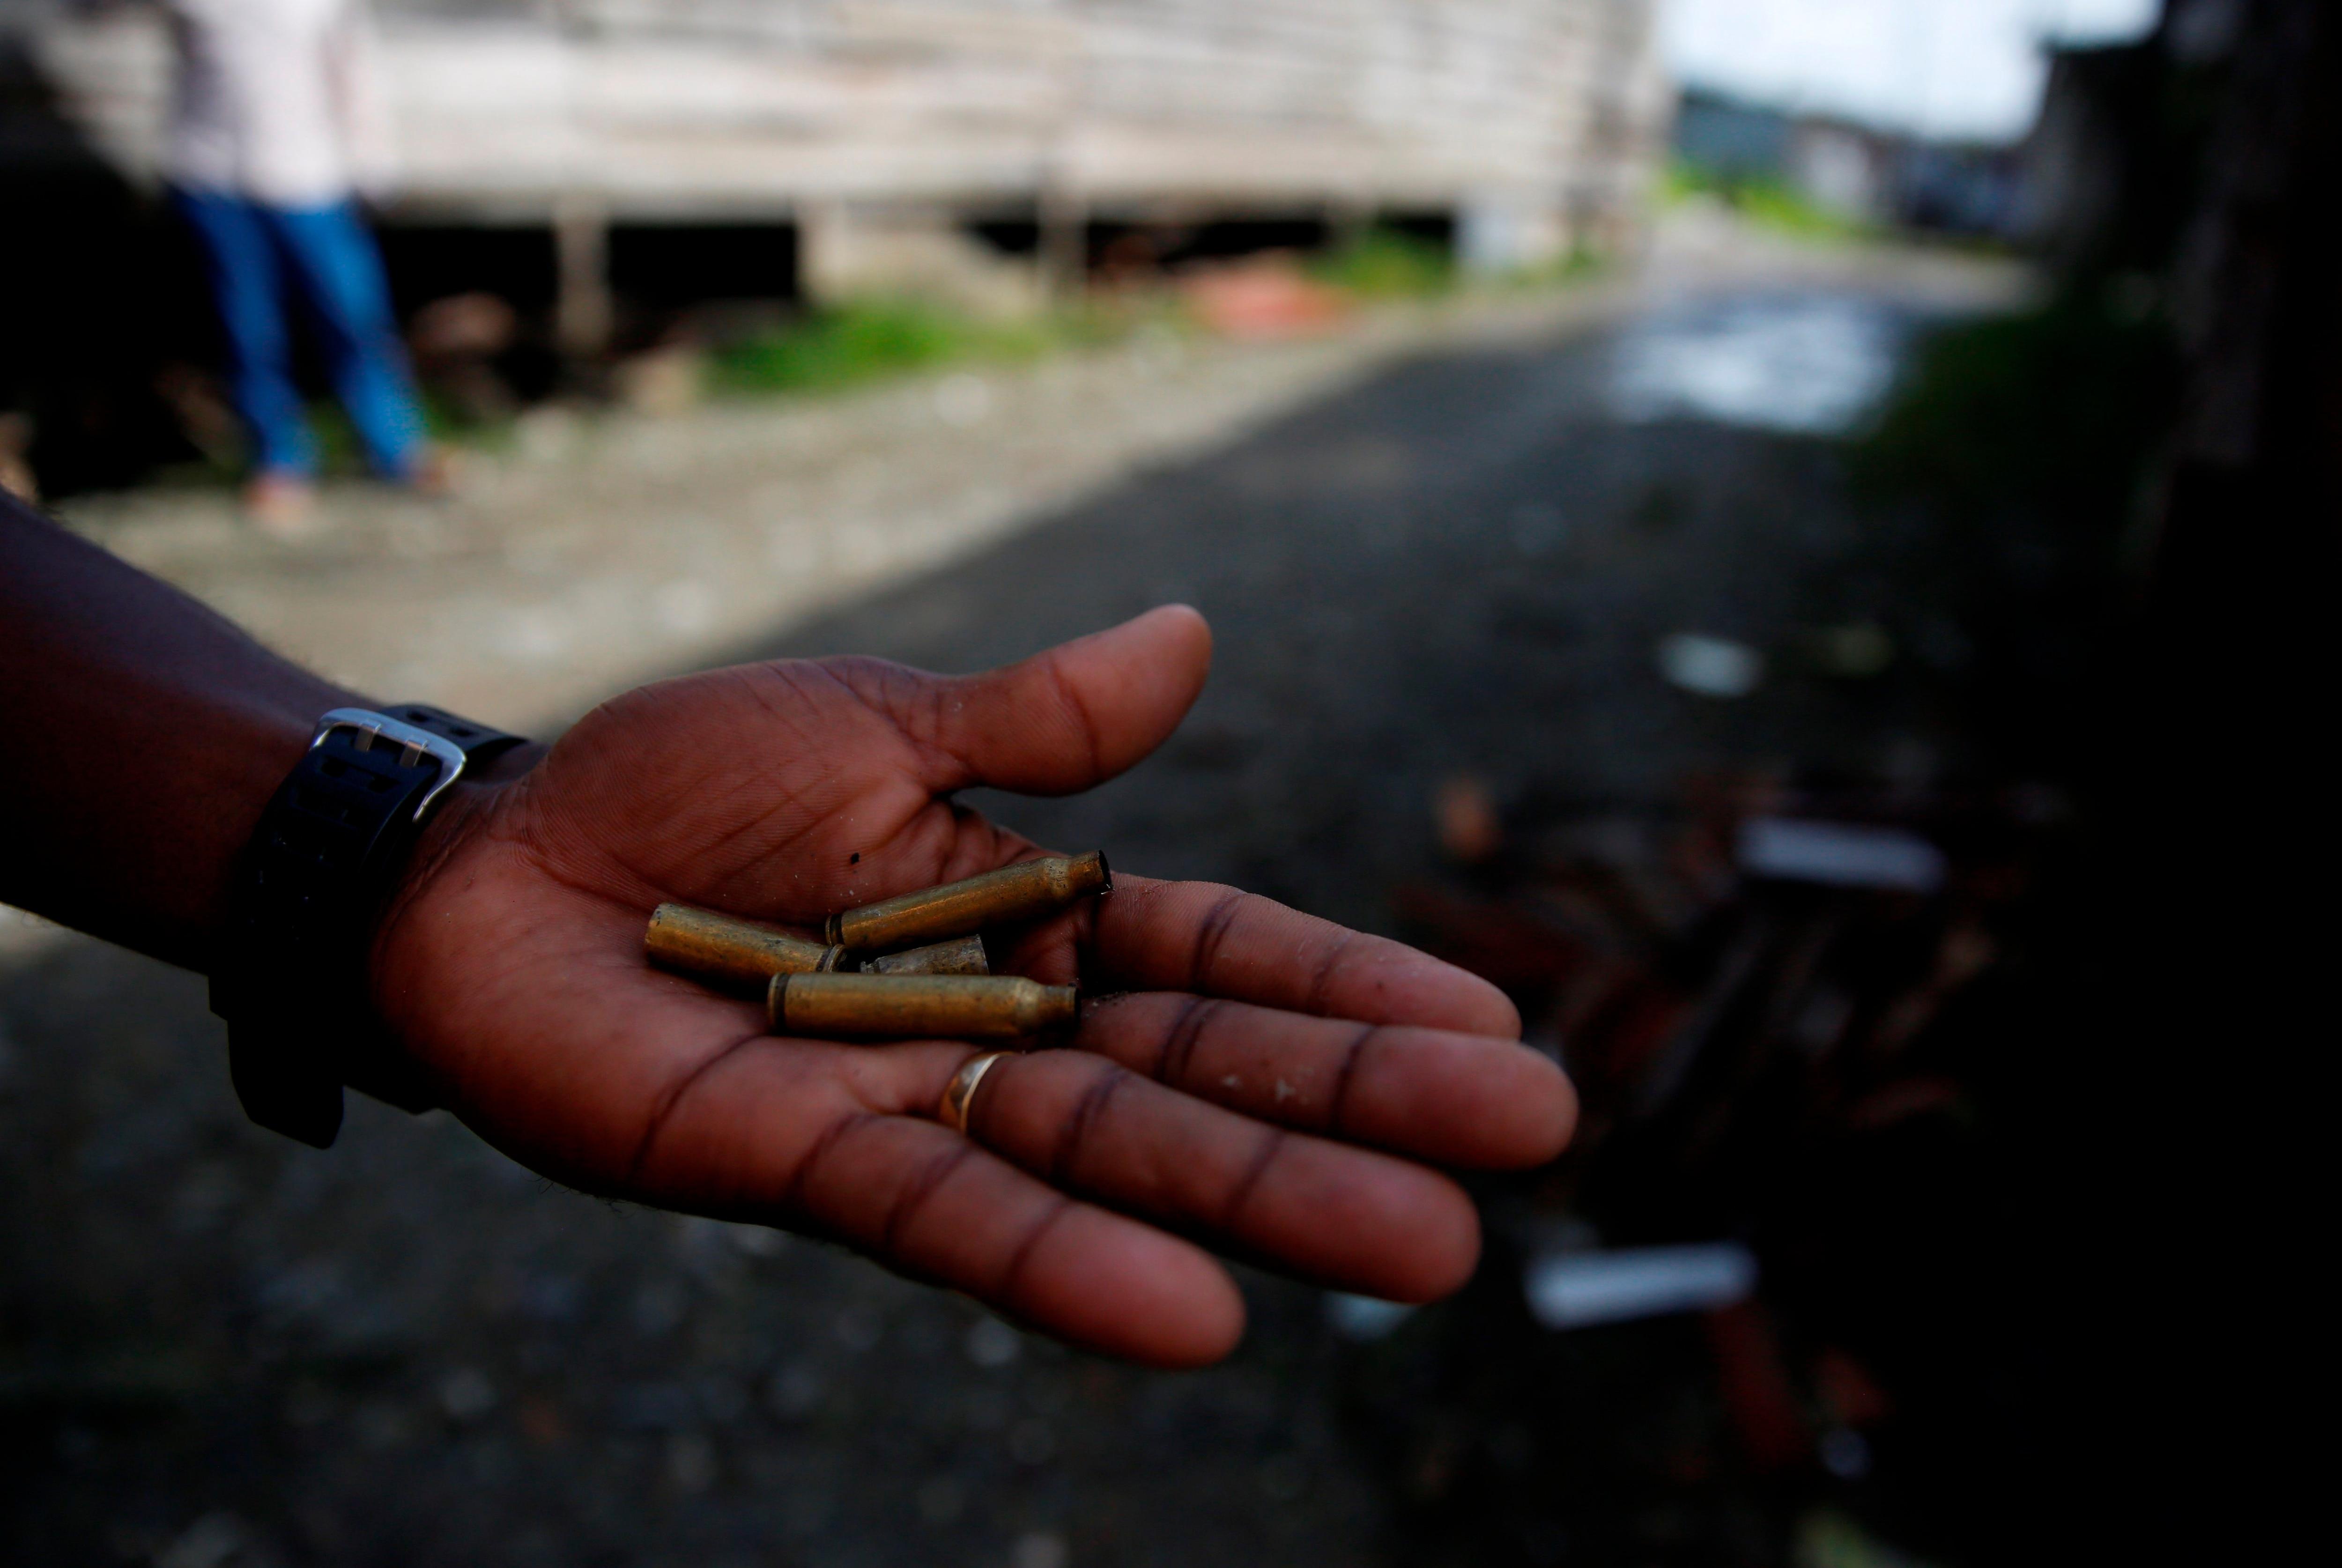 Los vecinos de Encarnación de Díaz reportaron, por tercer día consecutivo, un enfrentamiento entre civiles armados (Foto: Ernesto Guzmán/EFE)